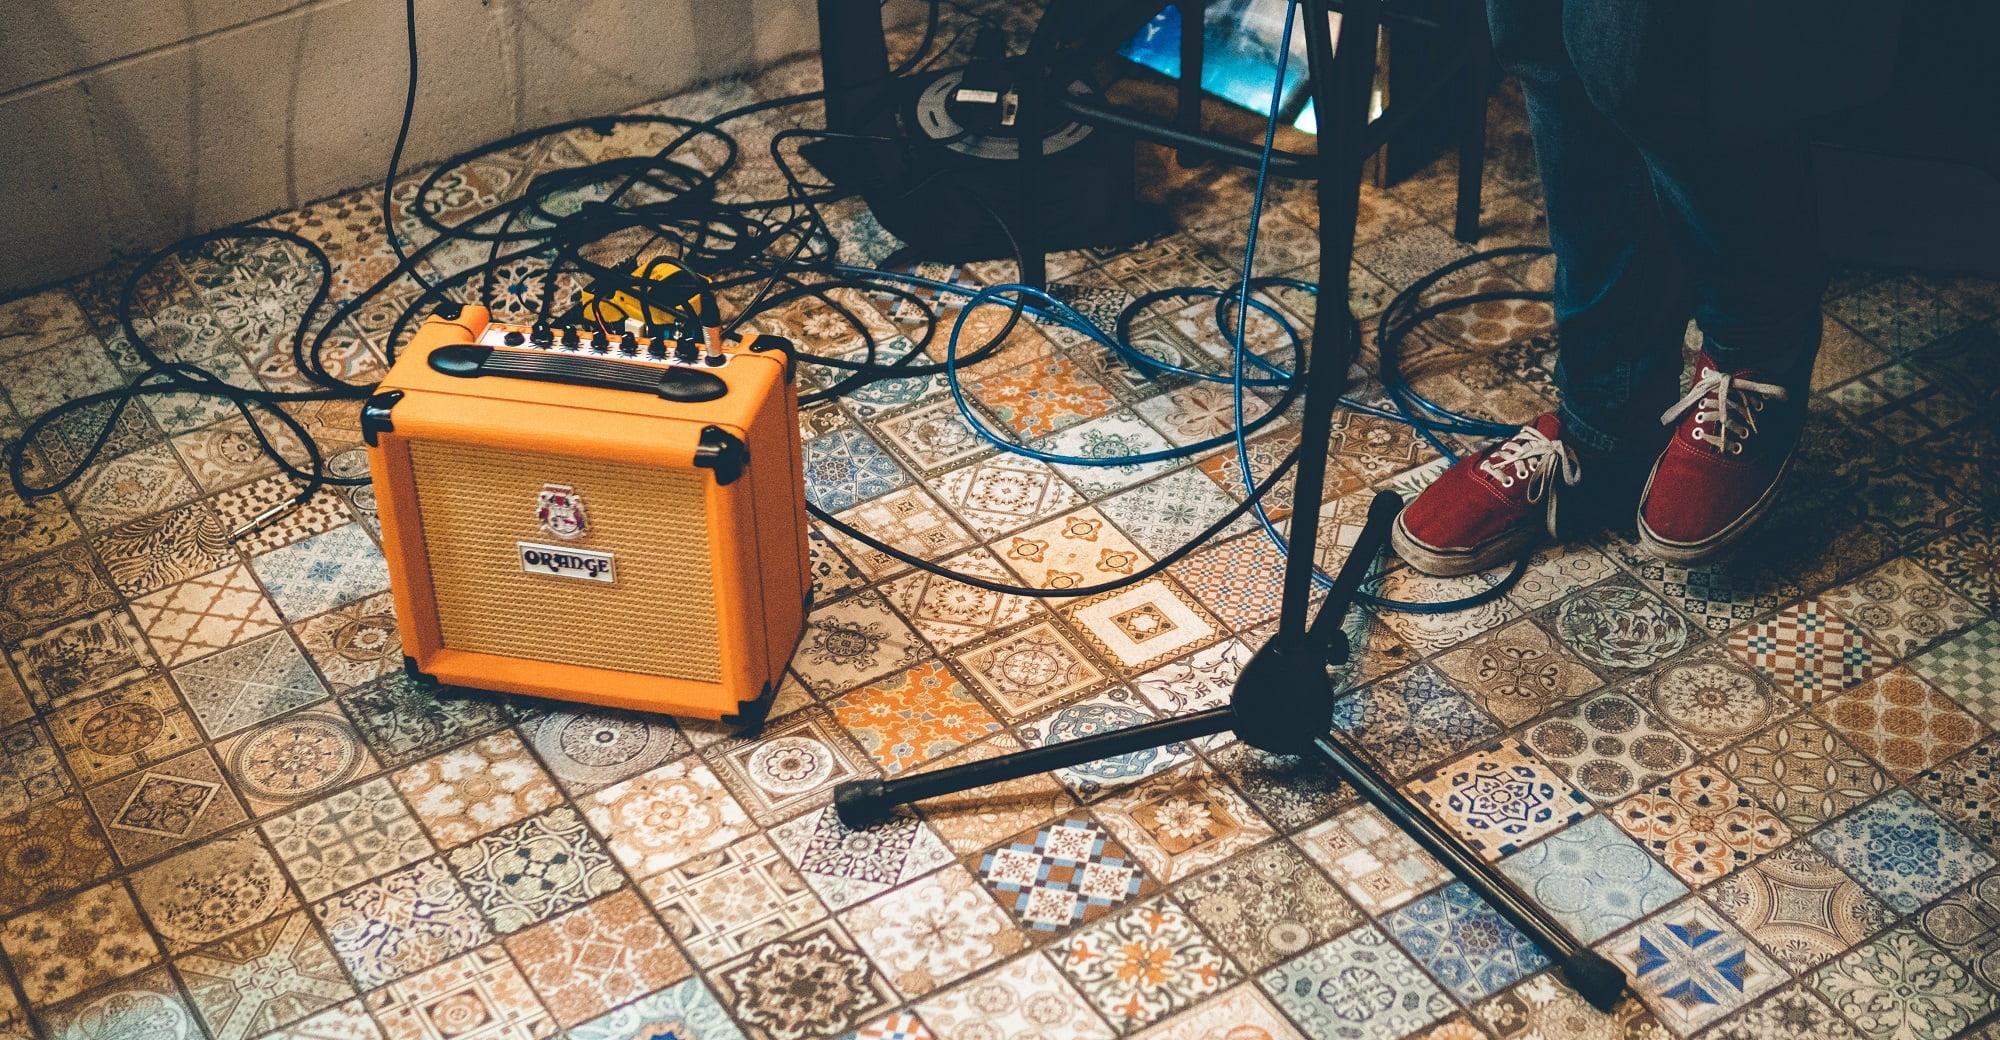 Orange Crush Practice Amp